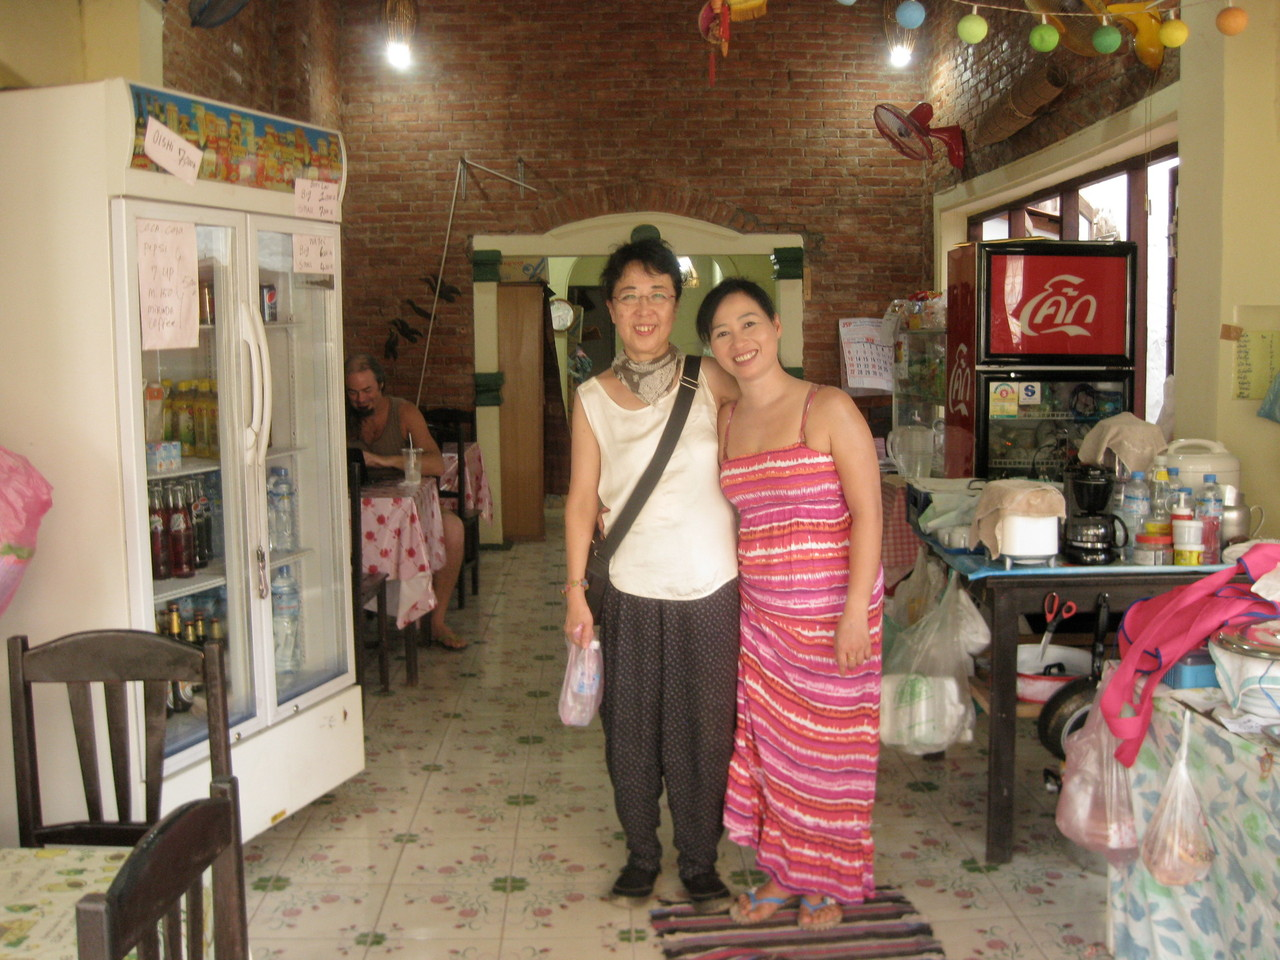 近くのThong Bay食堂。ここの女将さんは日本に住んでいたことがあり日本語が大変上手。息子さんは今も新潟でレストランをやってるそうだ。あっさりした味付けで値段も安い。この女将さんは私の虫食われを見て薬を塗ってくれた。